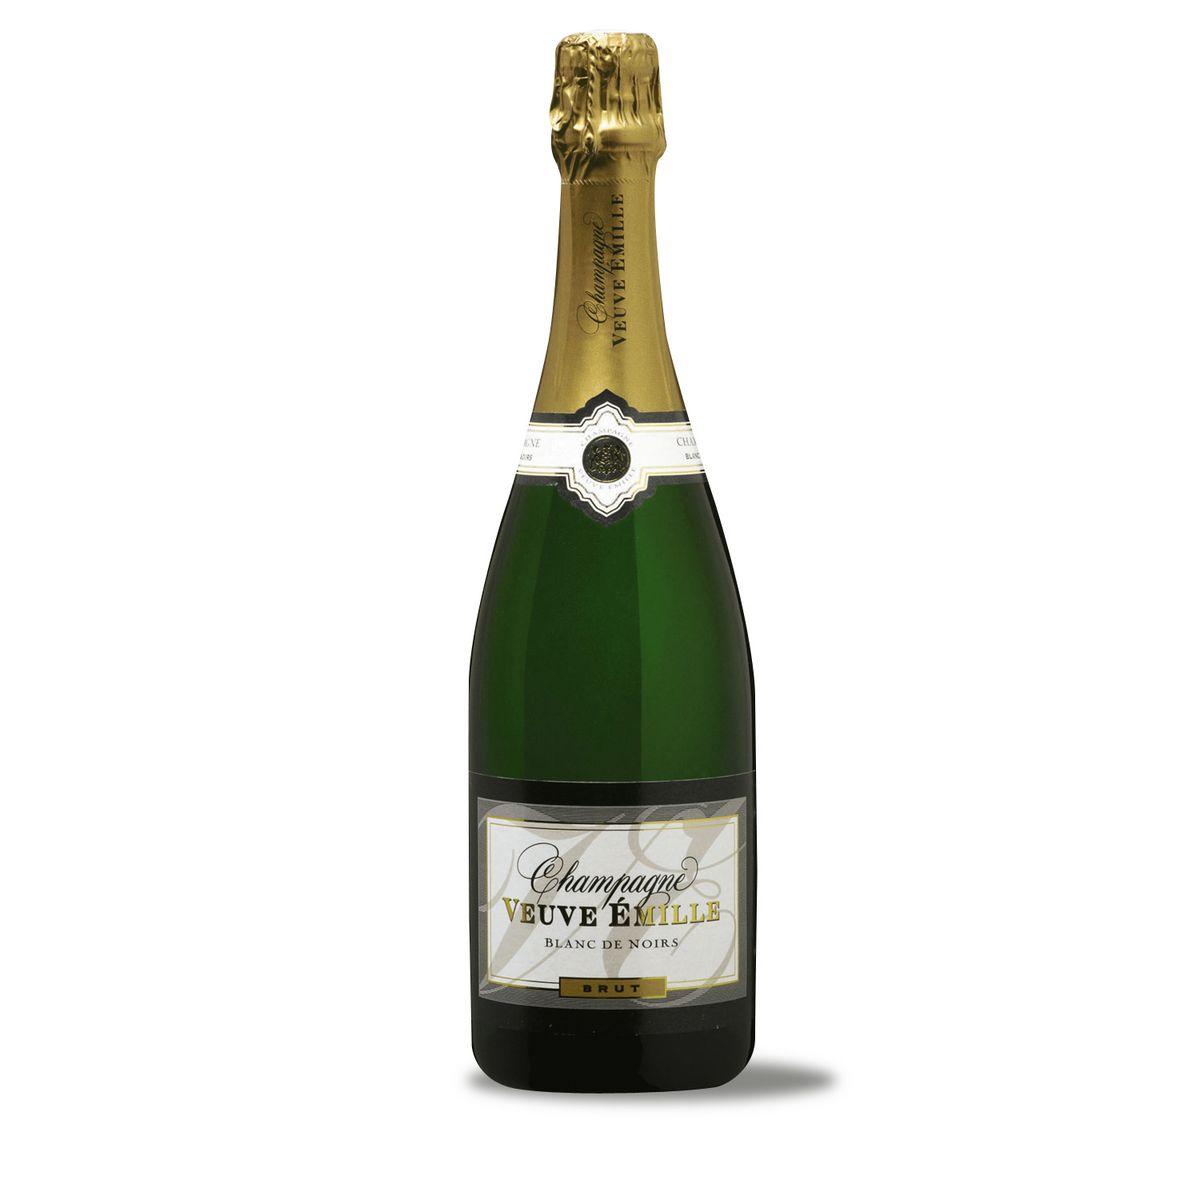 AOP Champagne brut blanc de noirs